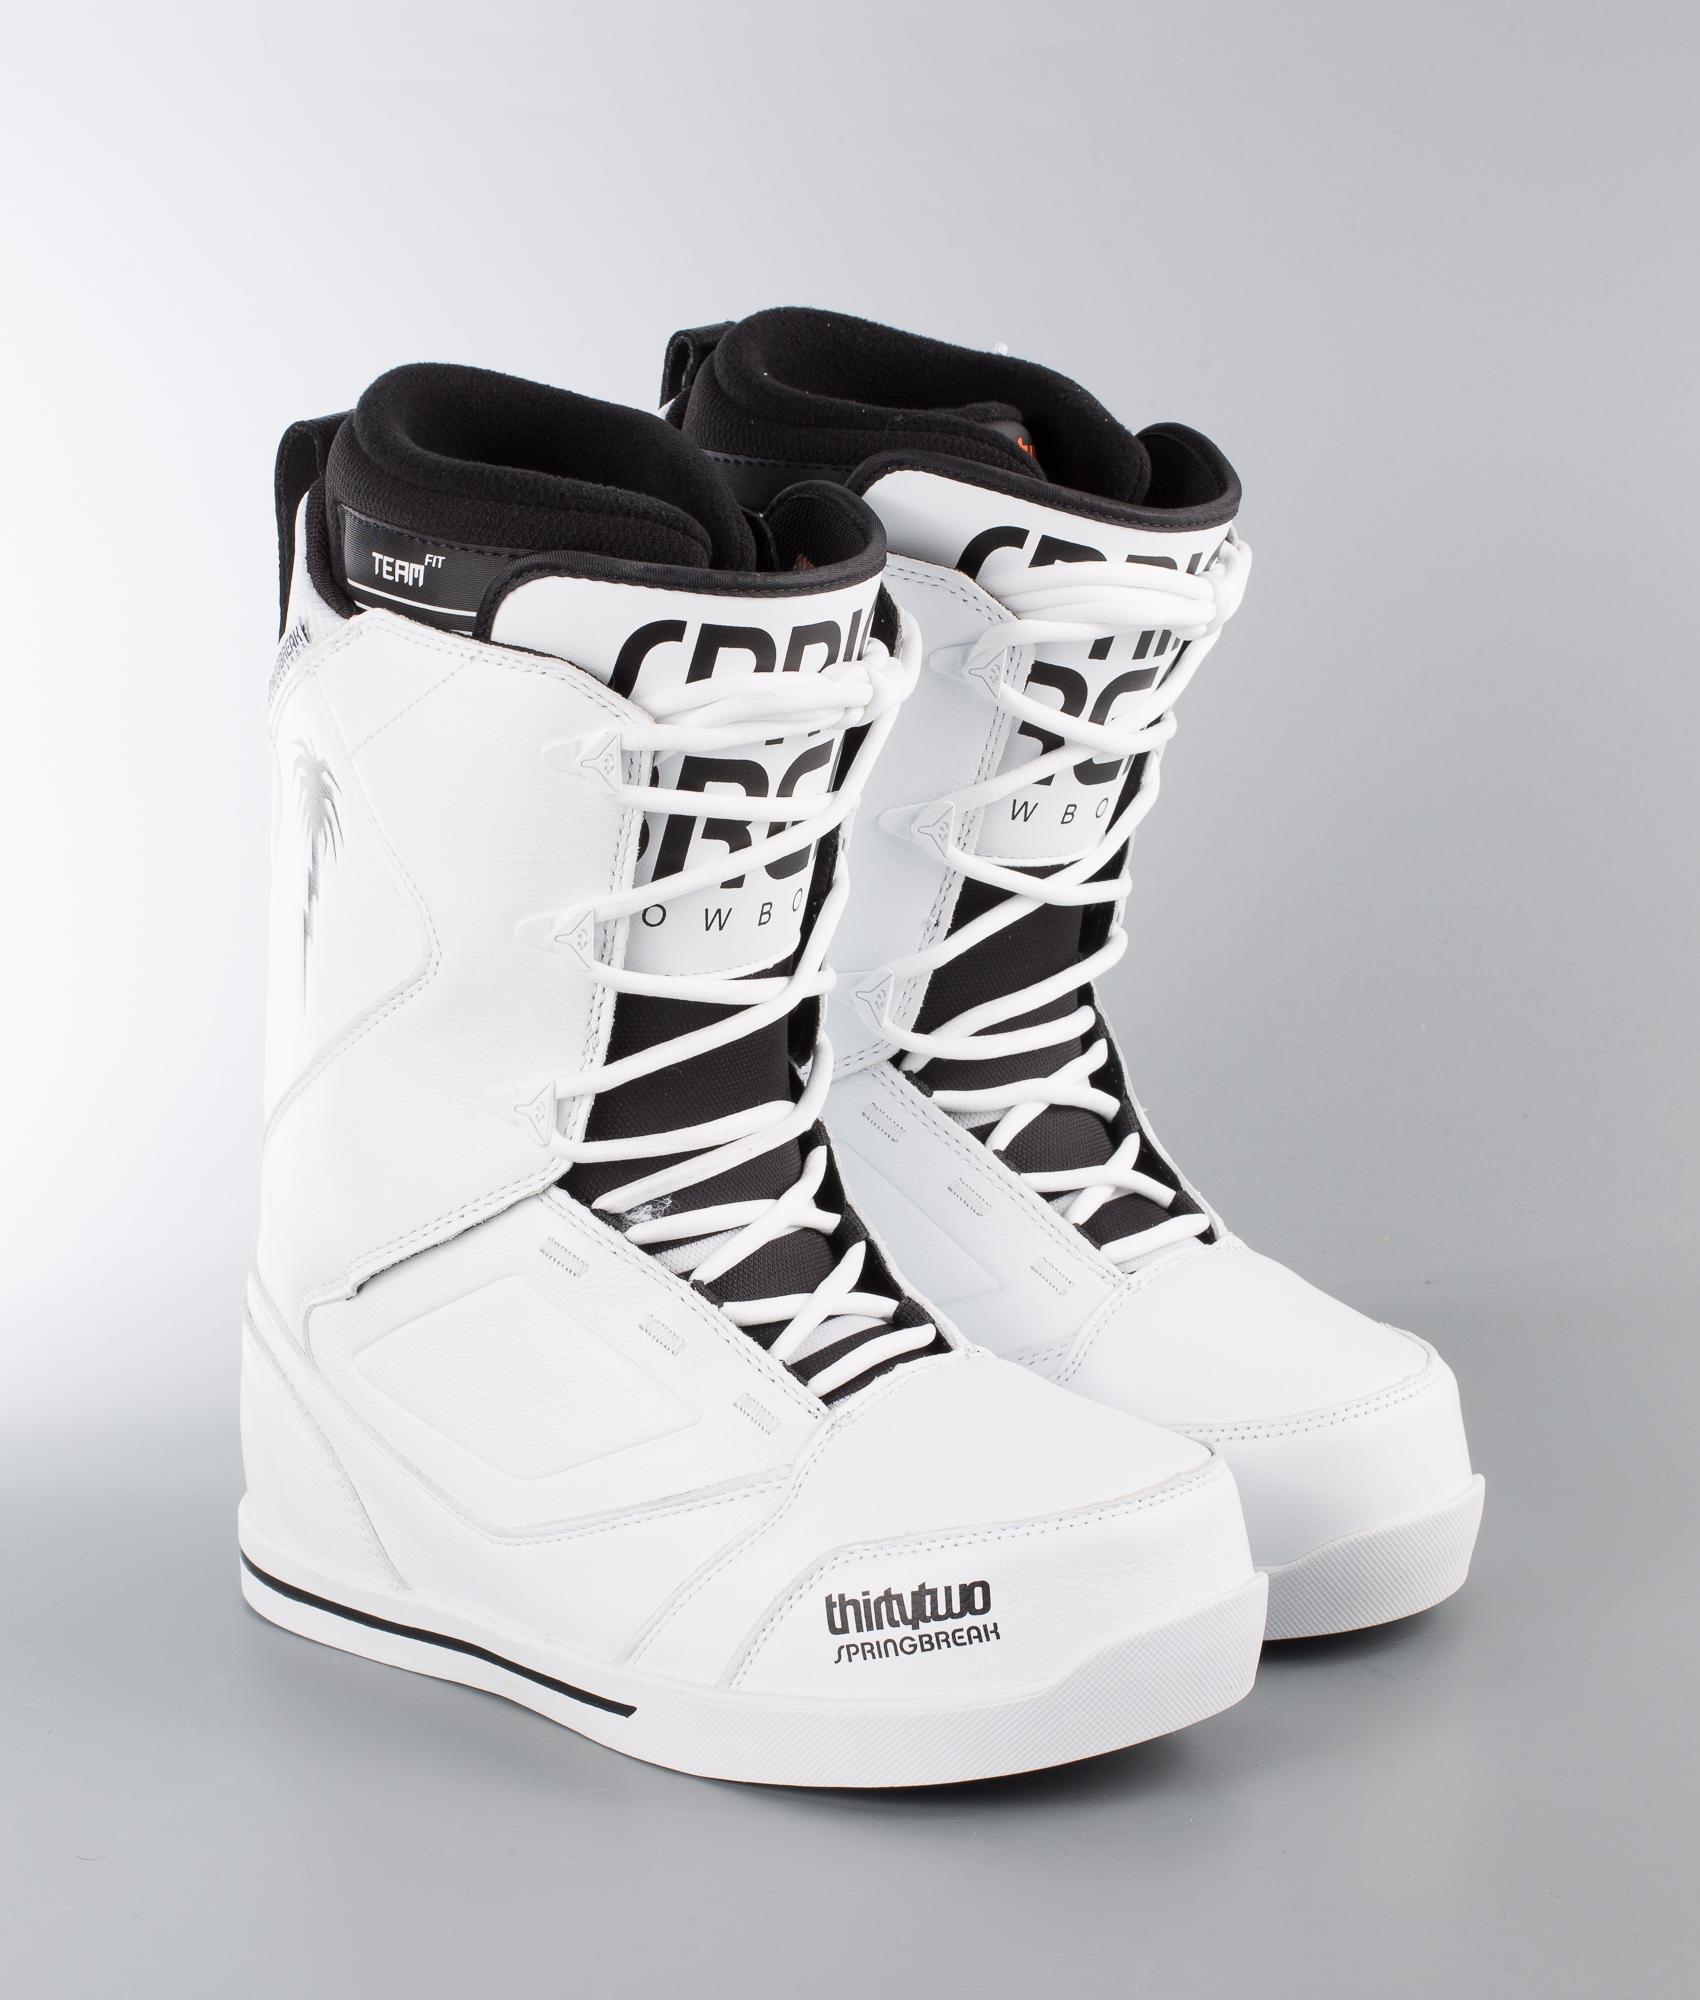 Gratuite Snowboard HommeLivraison Chaussure Gratuite HommeLivraison Snowboard Chaussure Snowboard HommeLivraison Chaussure 45LqAj3R